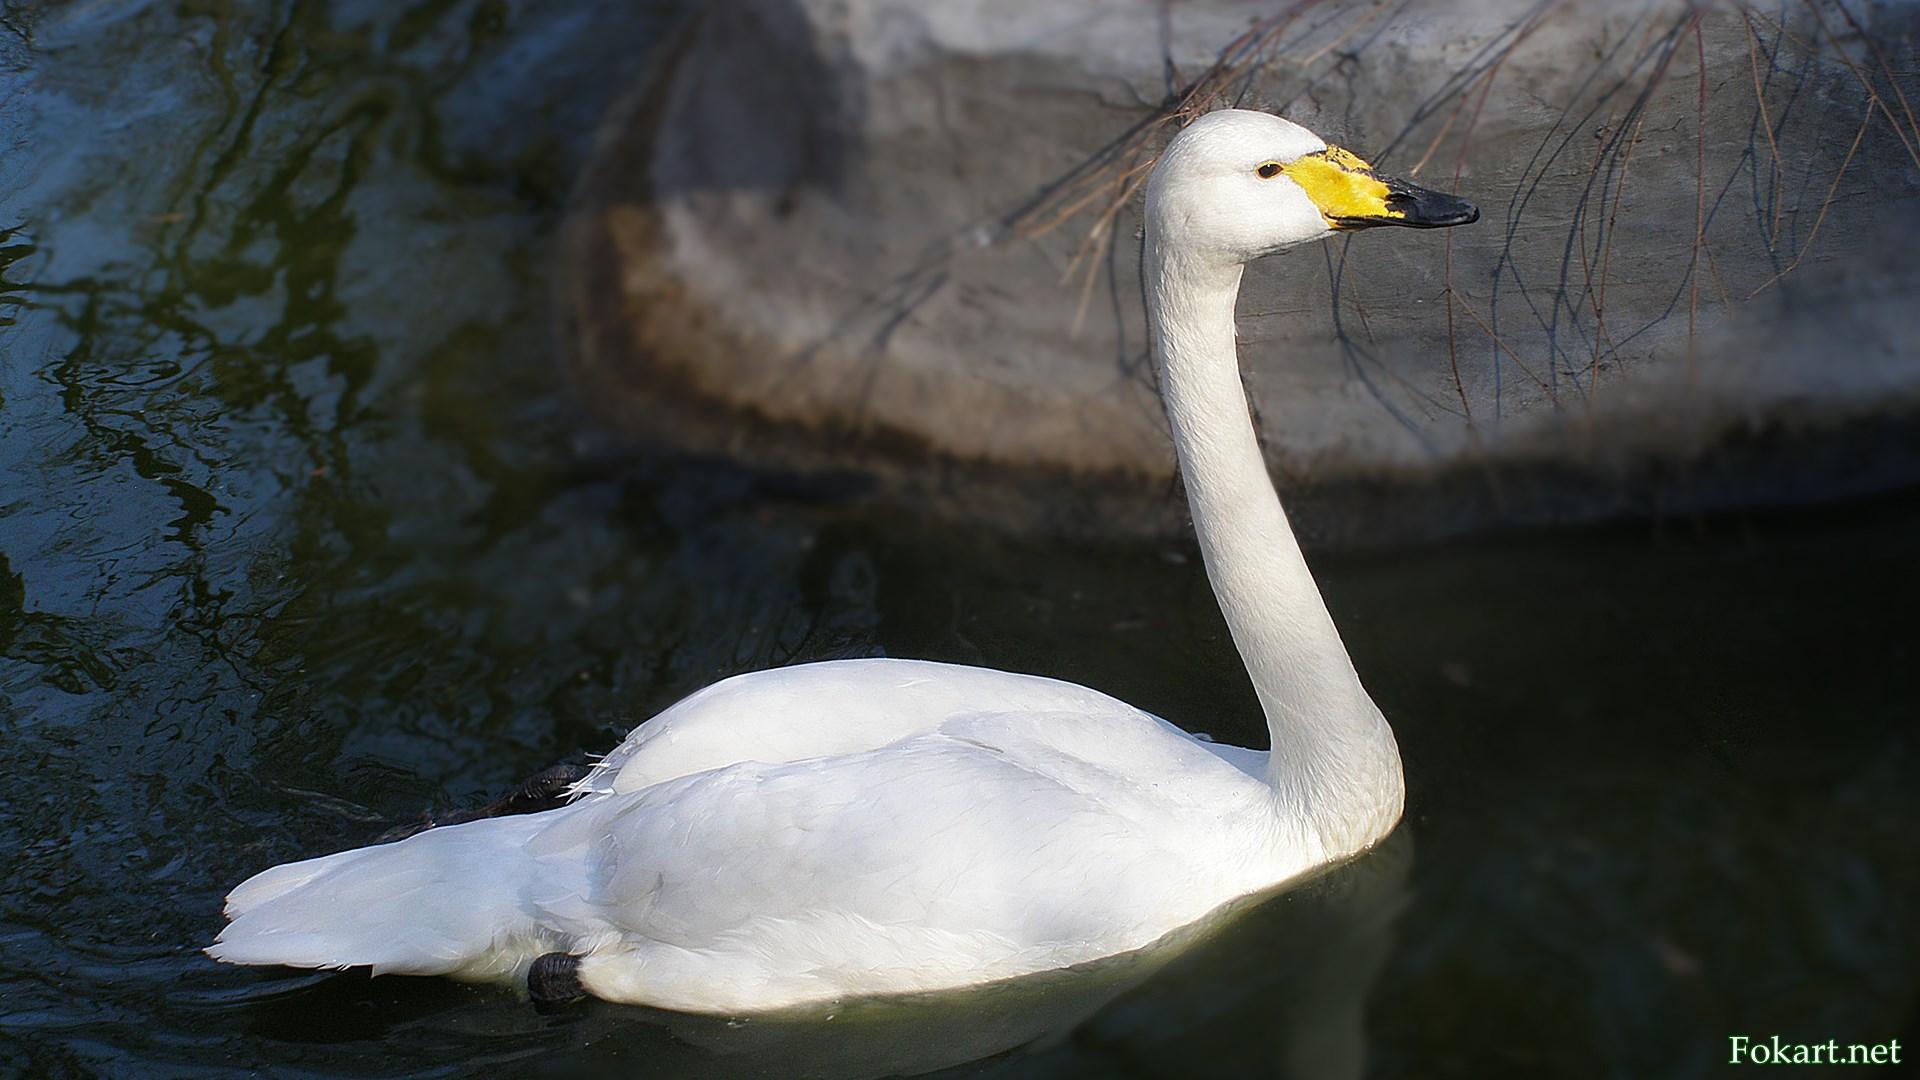 Лебедь-кликун (Cygnus cegnus) отличается от других жёлто-чёрным клювом